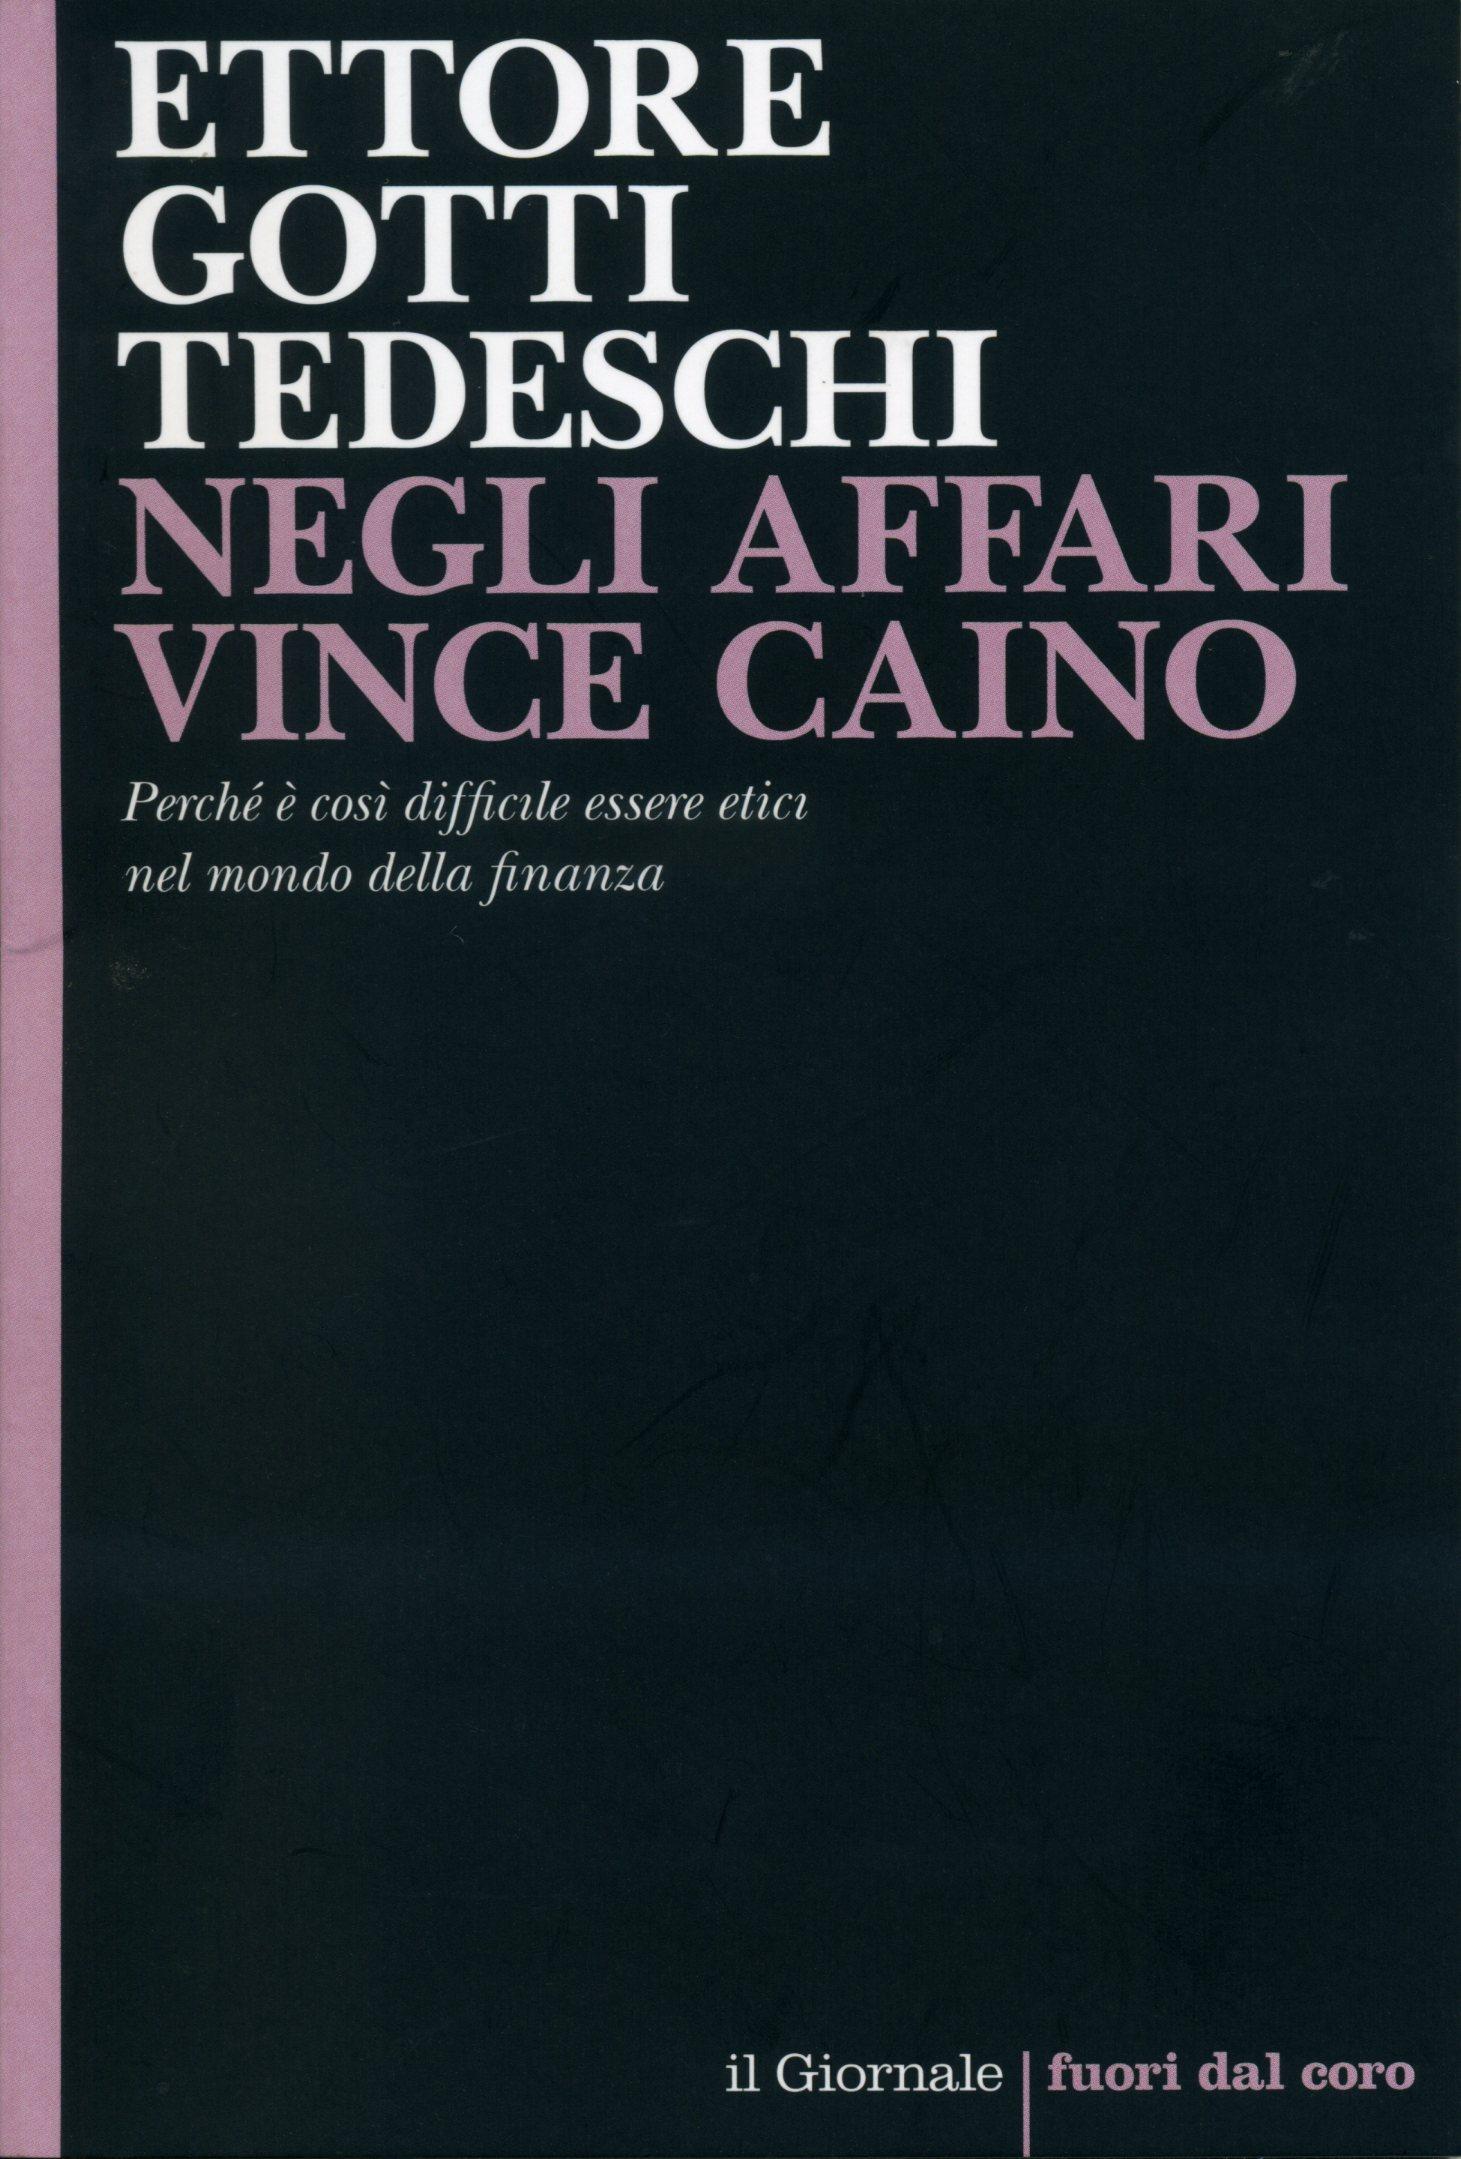 Recens.Ettore Gotti Tedeschi-Negli affari vince Caino